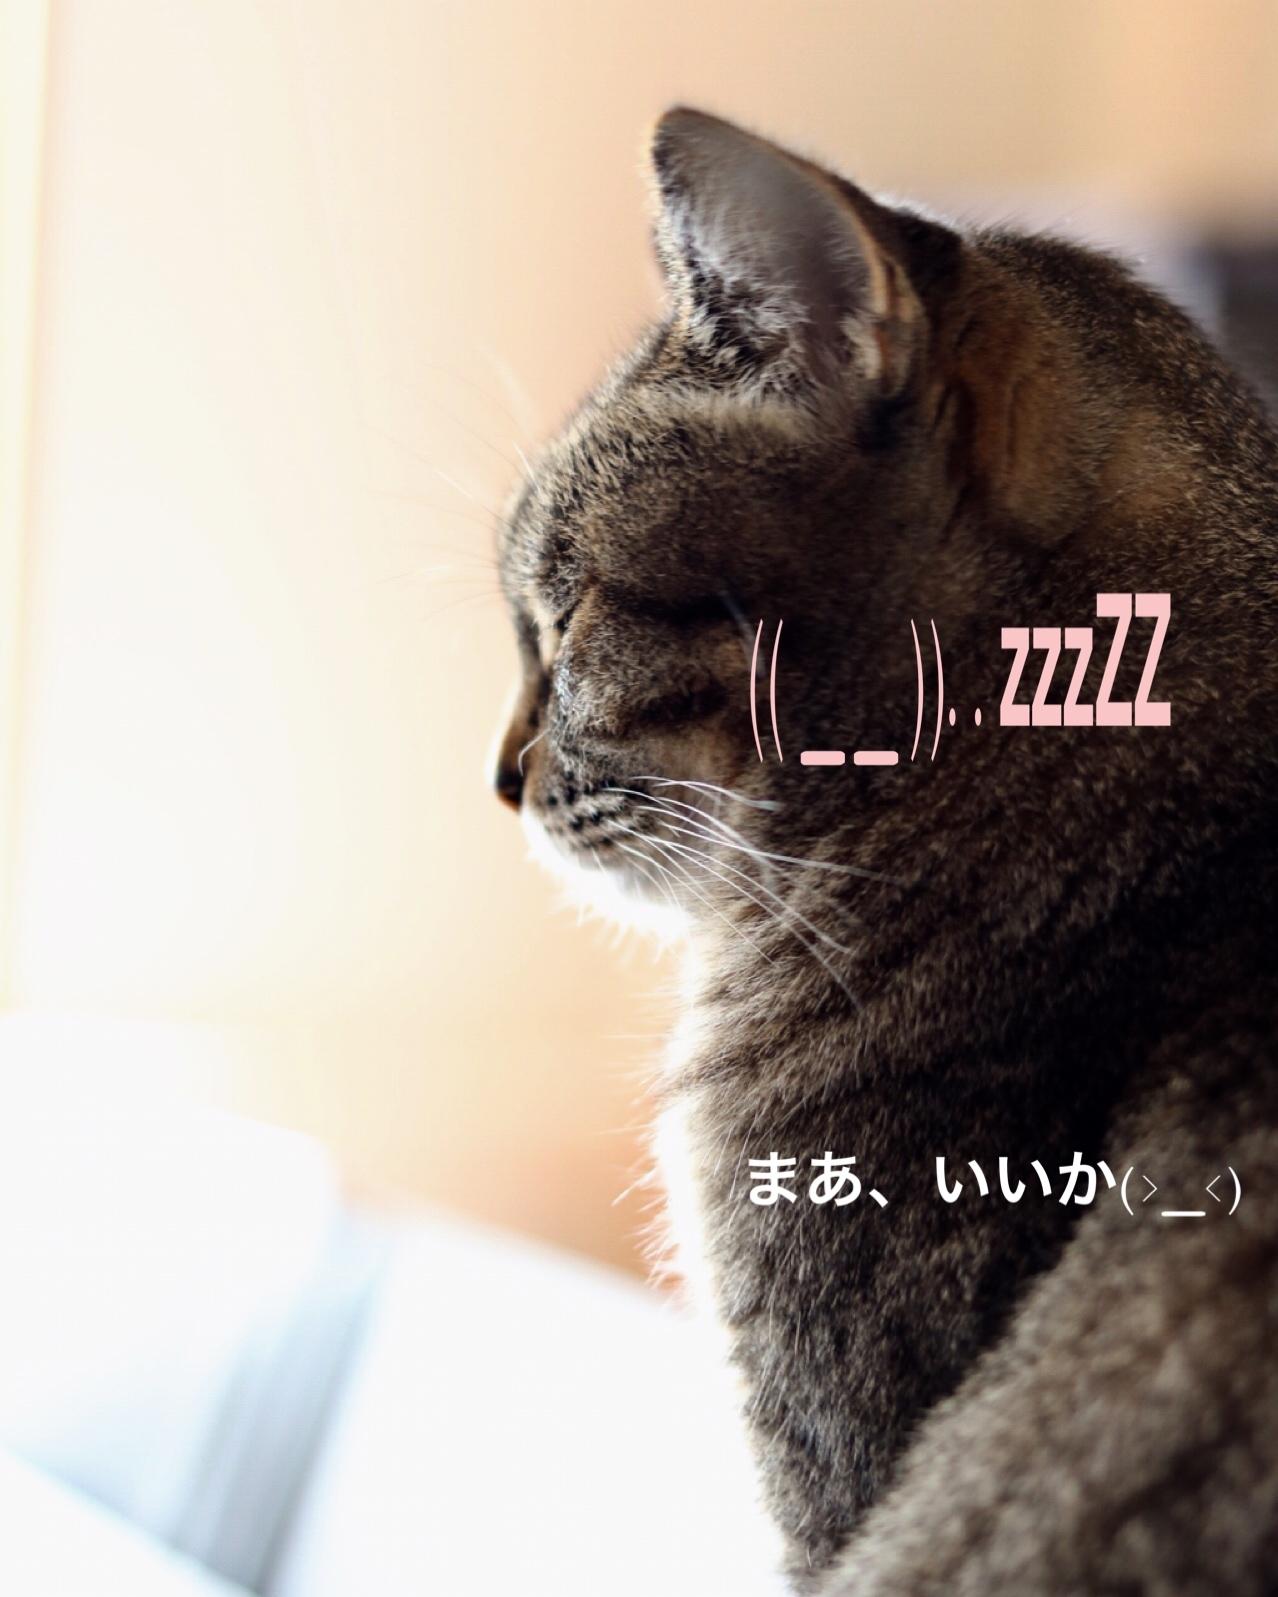 にゃんこ劇場「猫耳東風!」_c0366722_12234259.jpeg